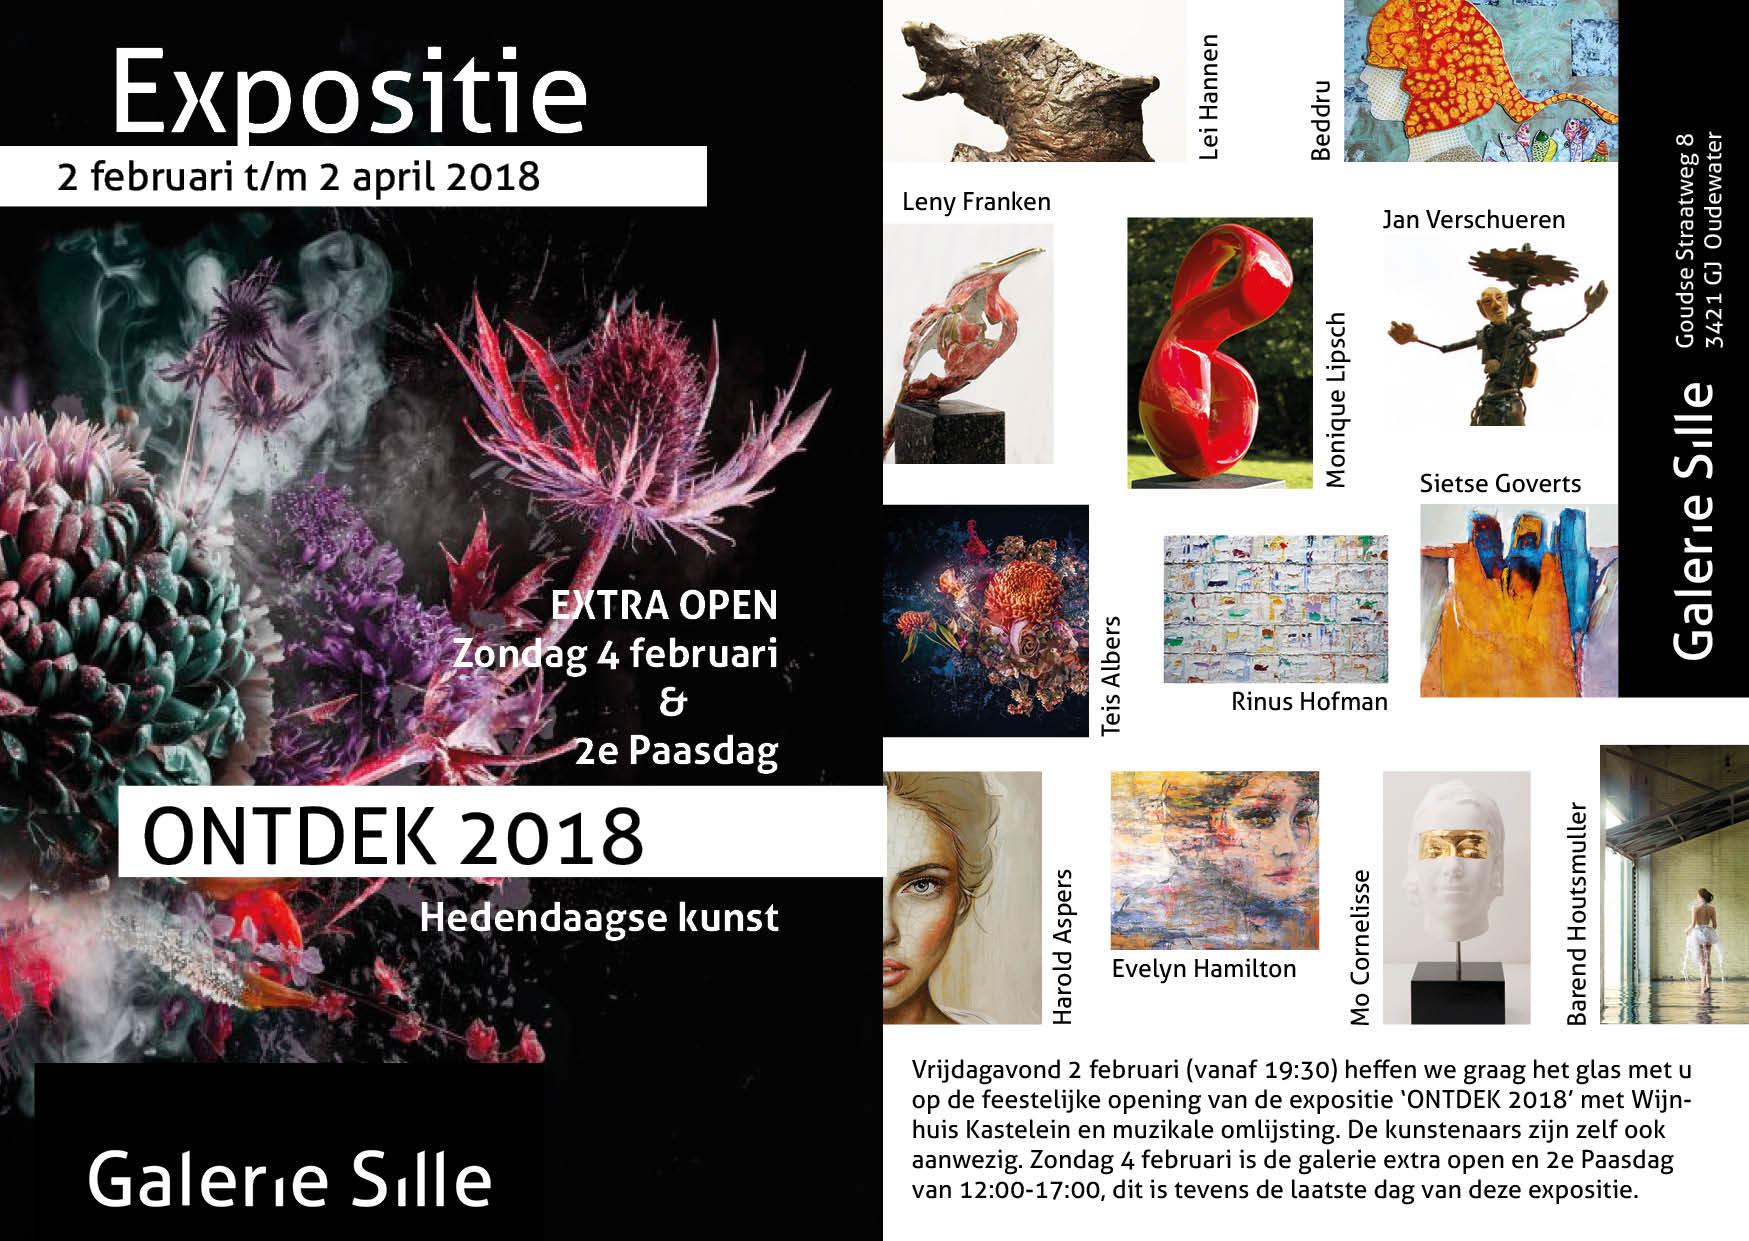 Sfeer Expositie 'ONTDEK' 2018 (vernissage 2 februari)